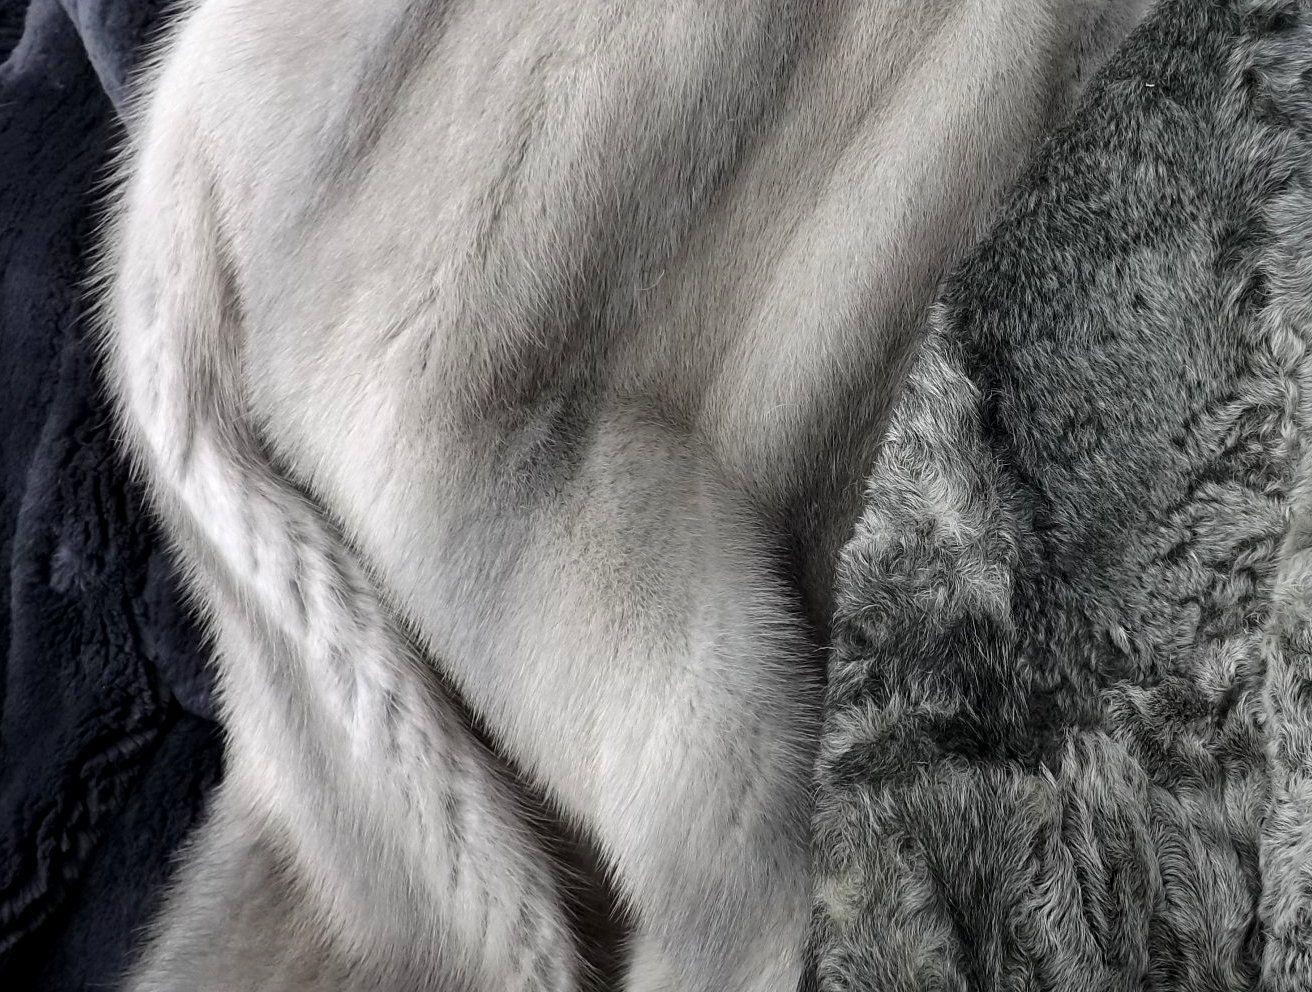 Neue Pelze - alle Vintage!  Persianer, Bisam, Nerz! Das werden die neuen Taschen!  Recycling von hochwertigen Pelzen!